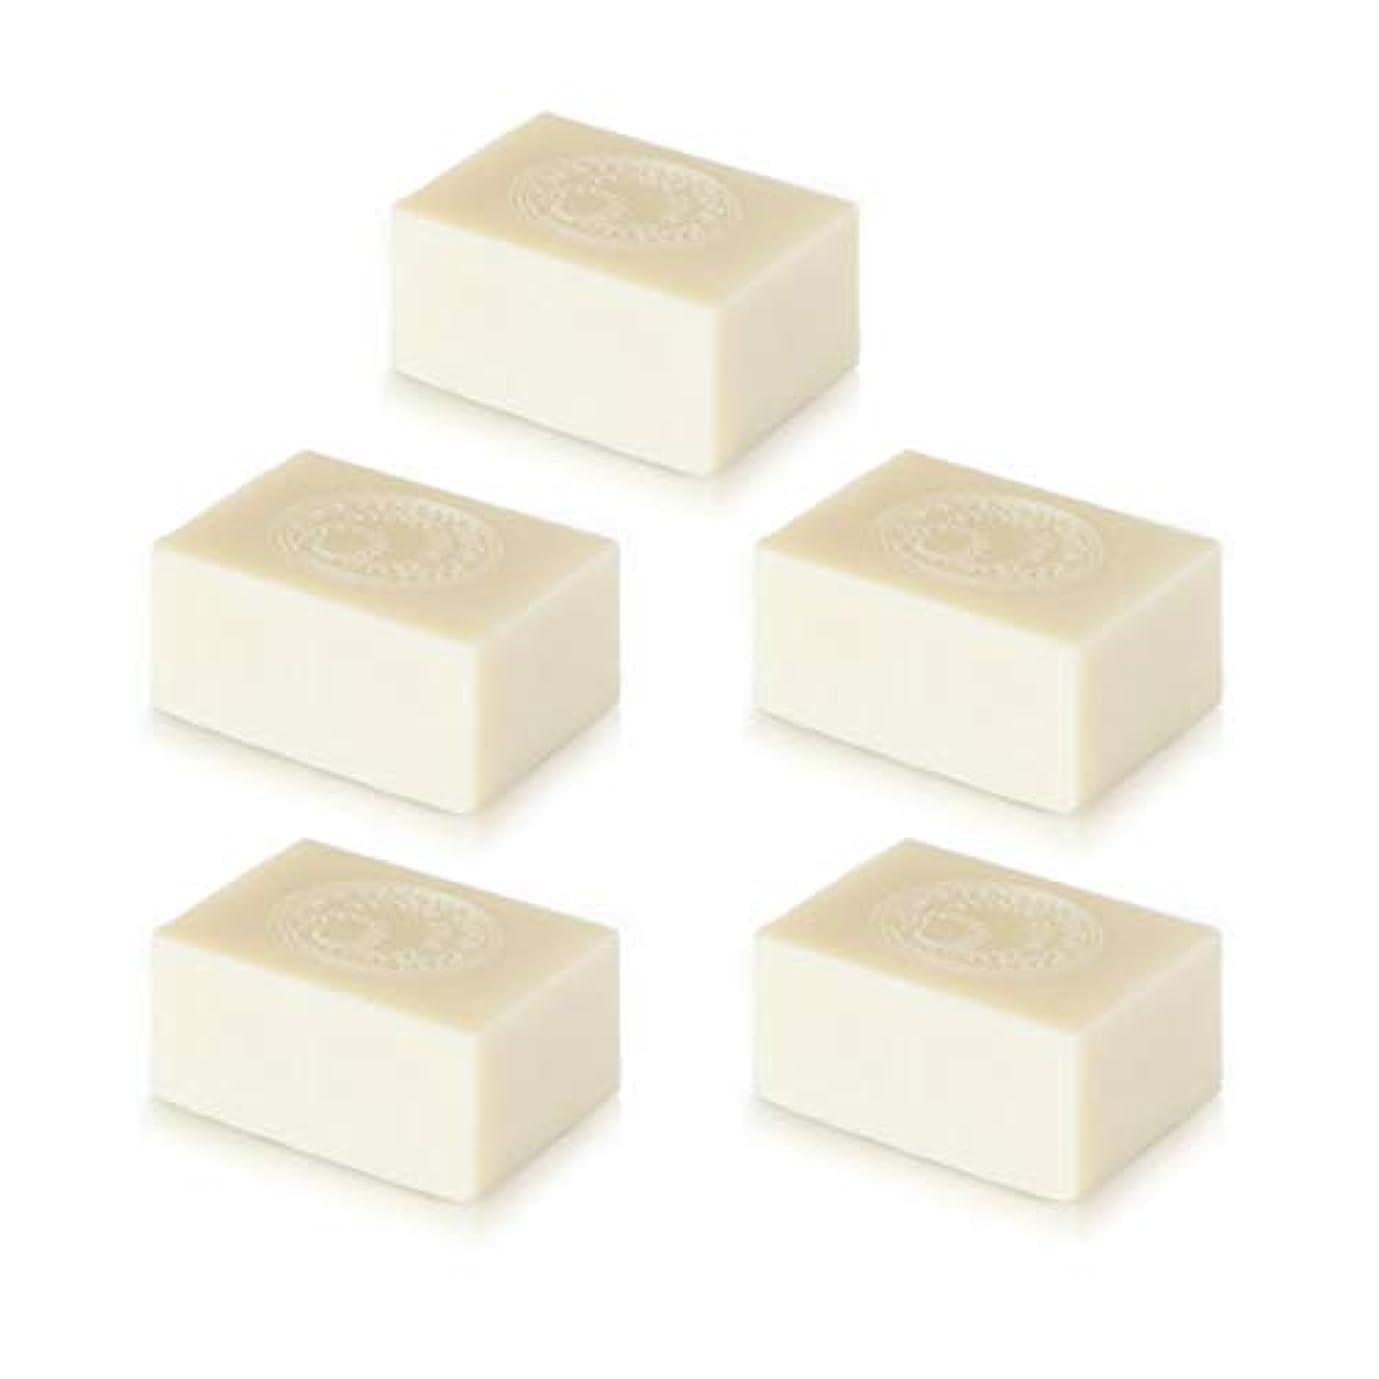 硬さ王子山積みのナイアード アルガン石鹸5個セット( 145g ×5個)無添加アルガン石鹸